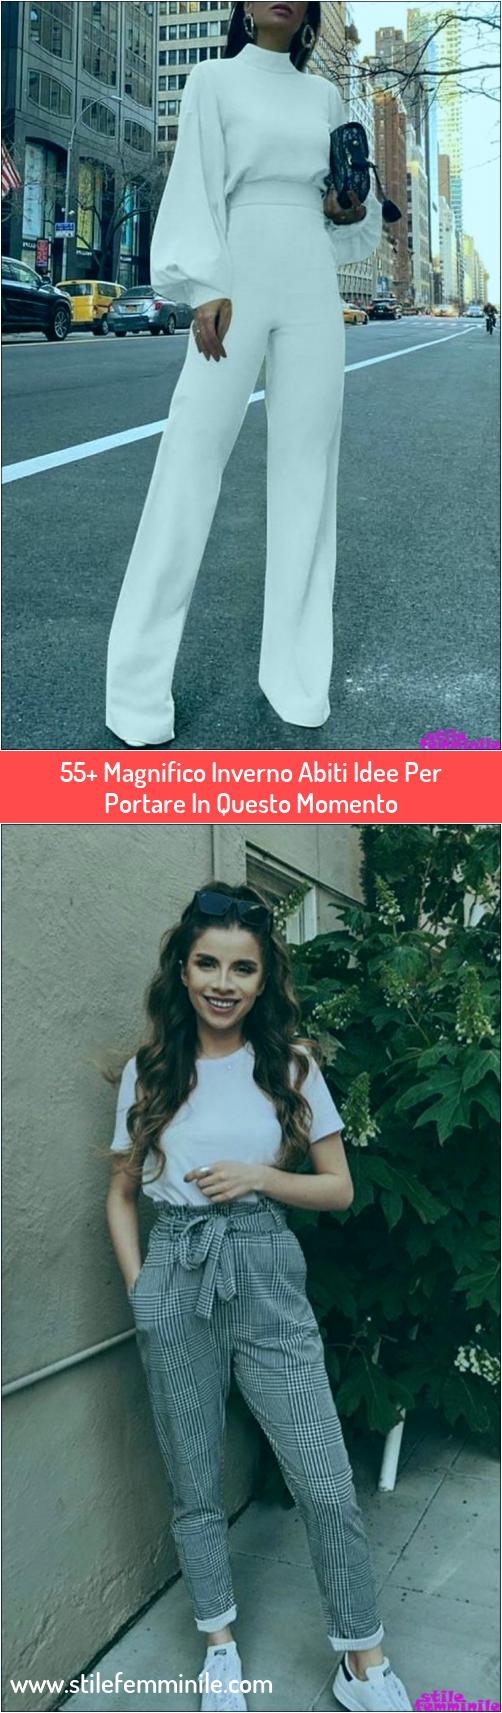 Photo of 55+ Magnifico Inverno Abiti Idee Per Portare In Questo Momento